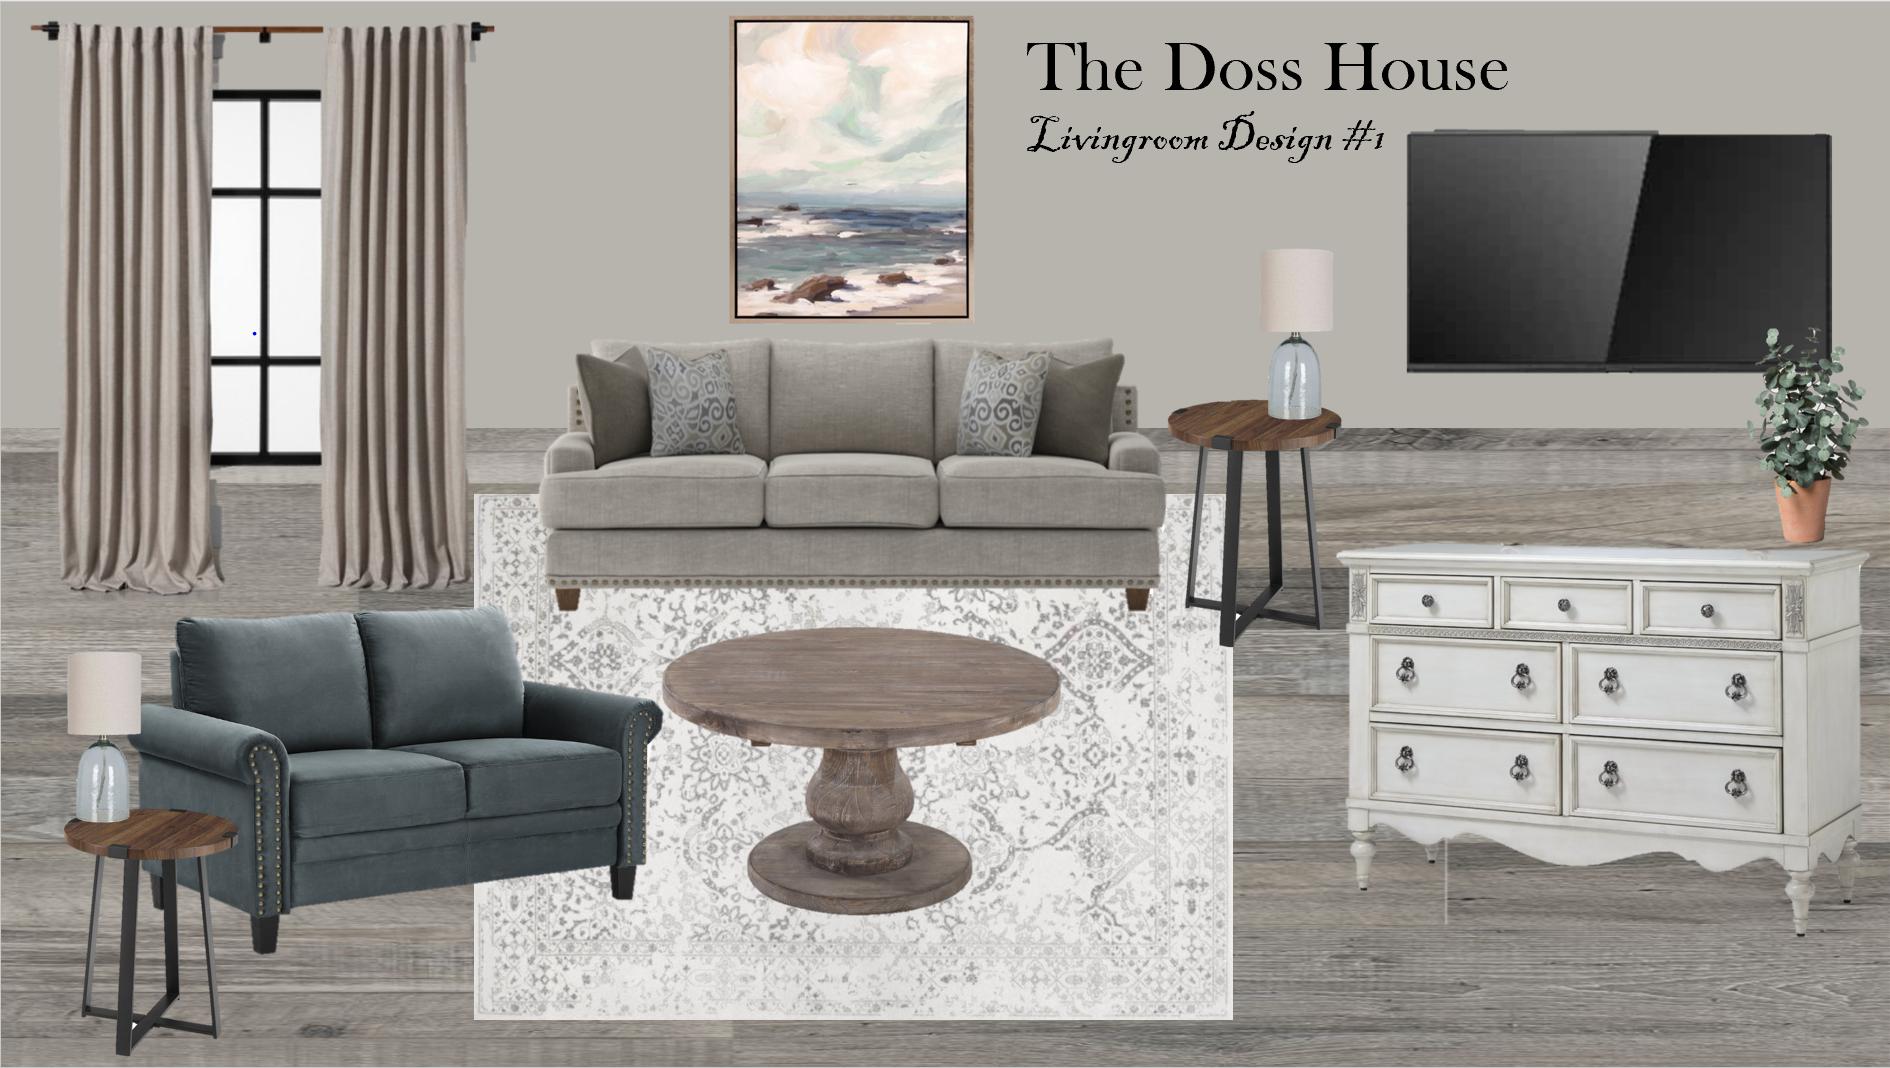 Living room design 1.PNG